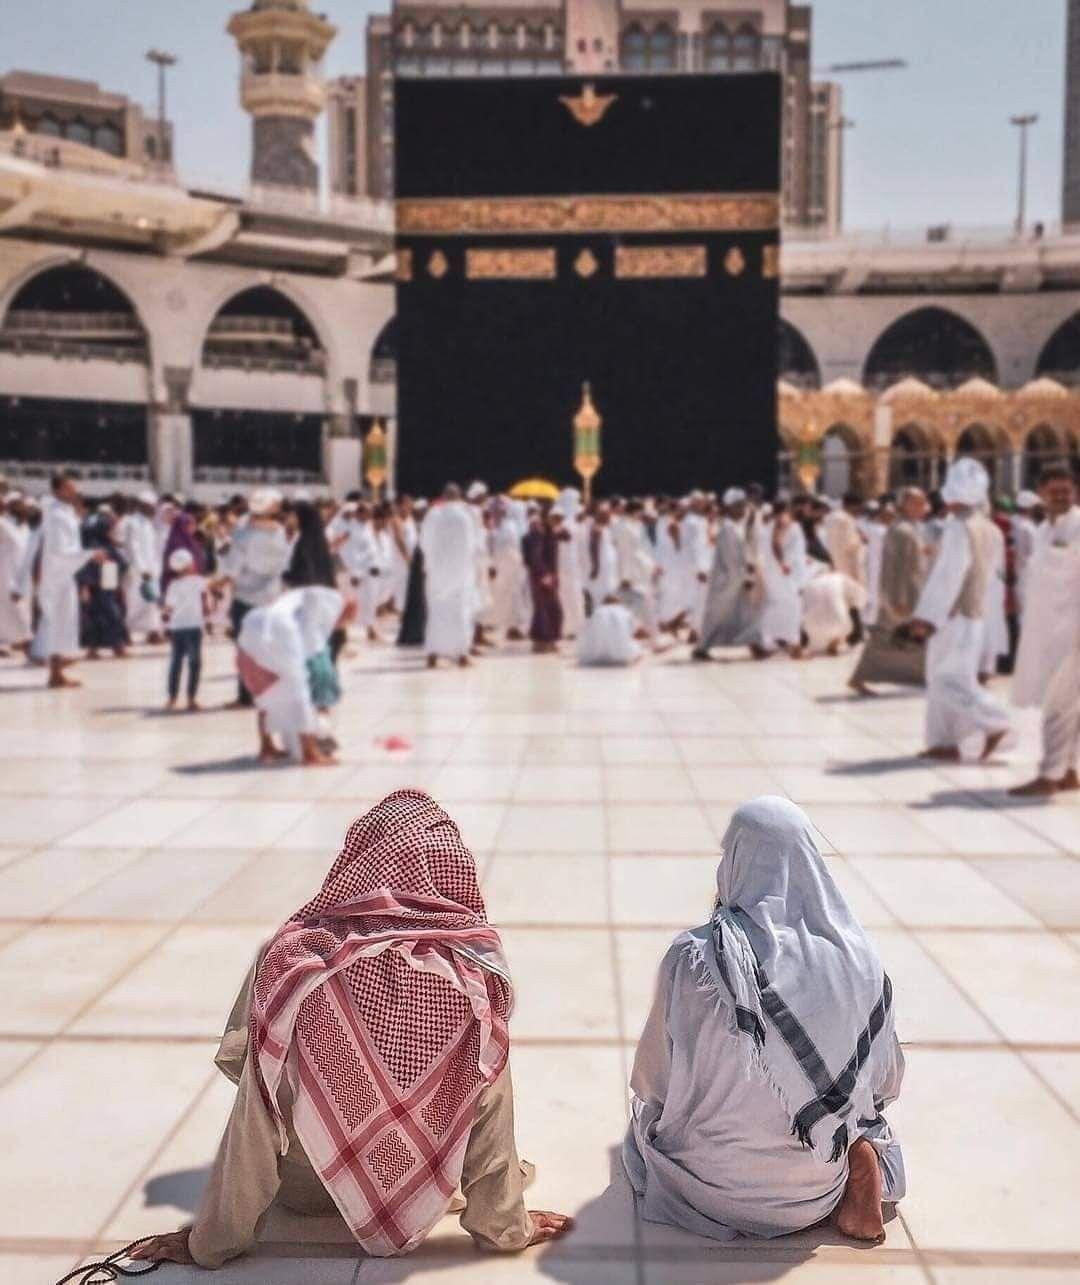 اللهم ارزقنا جلسة كهذه أمام الكعبة المشرفة Muslim People Mecca Kaaba Islamic World